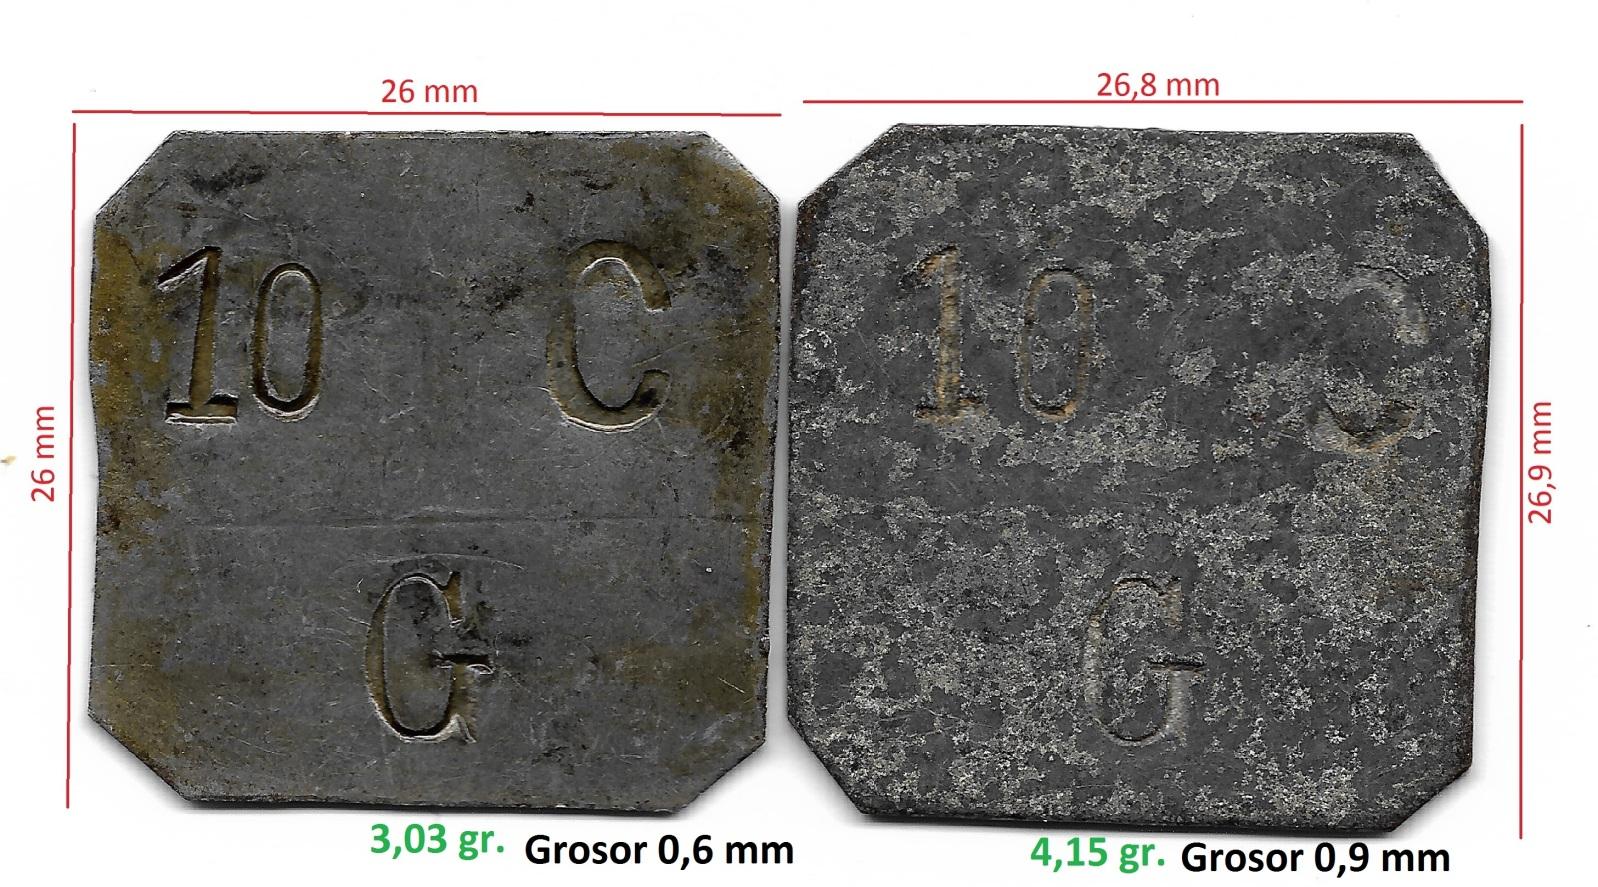 Moneda de 5 Cts. Gratallops rarísima - Página 2 2h2ioex